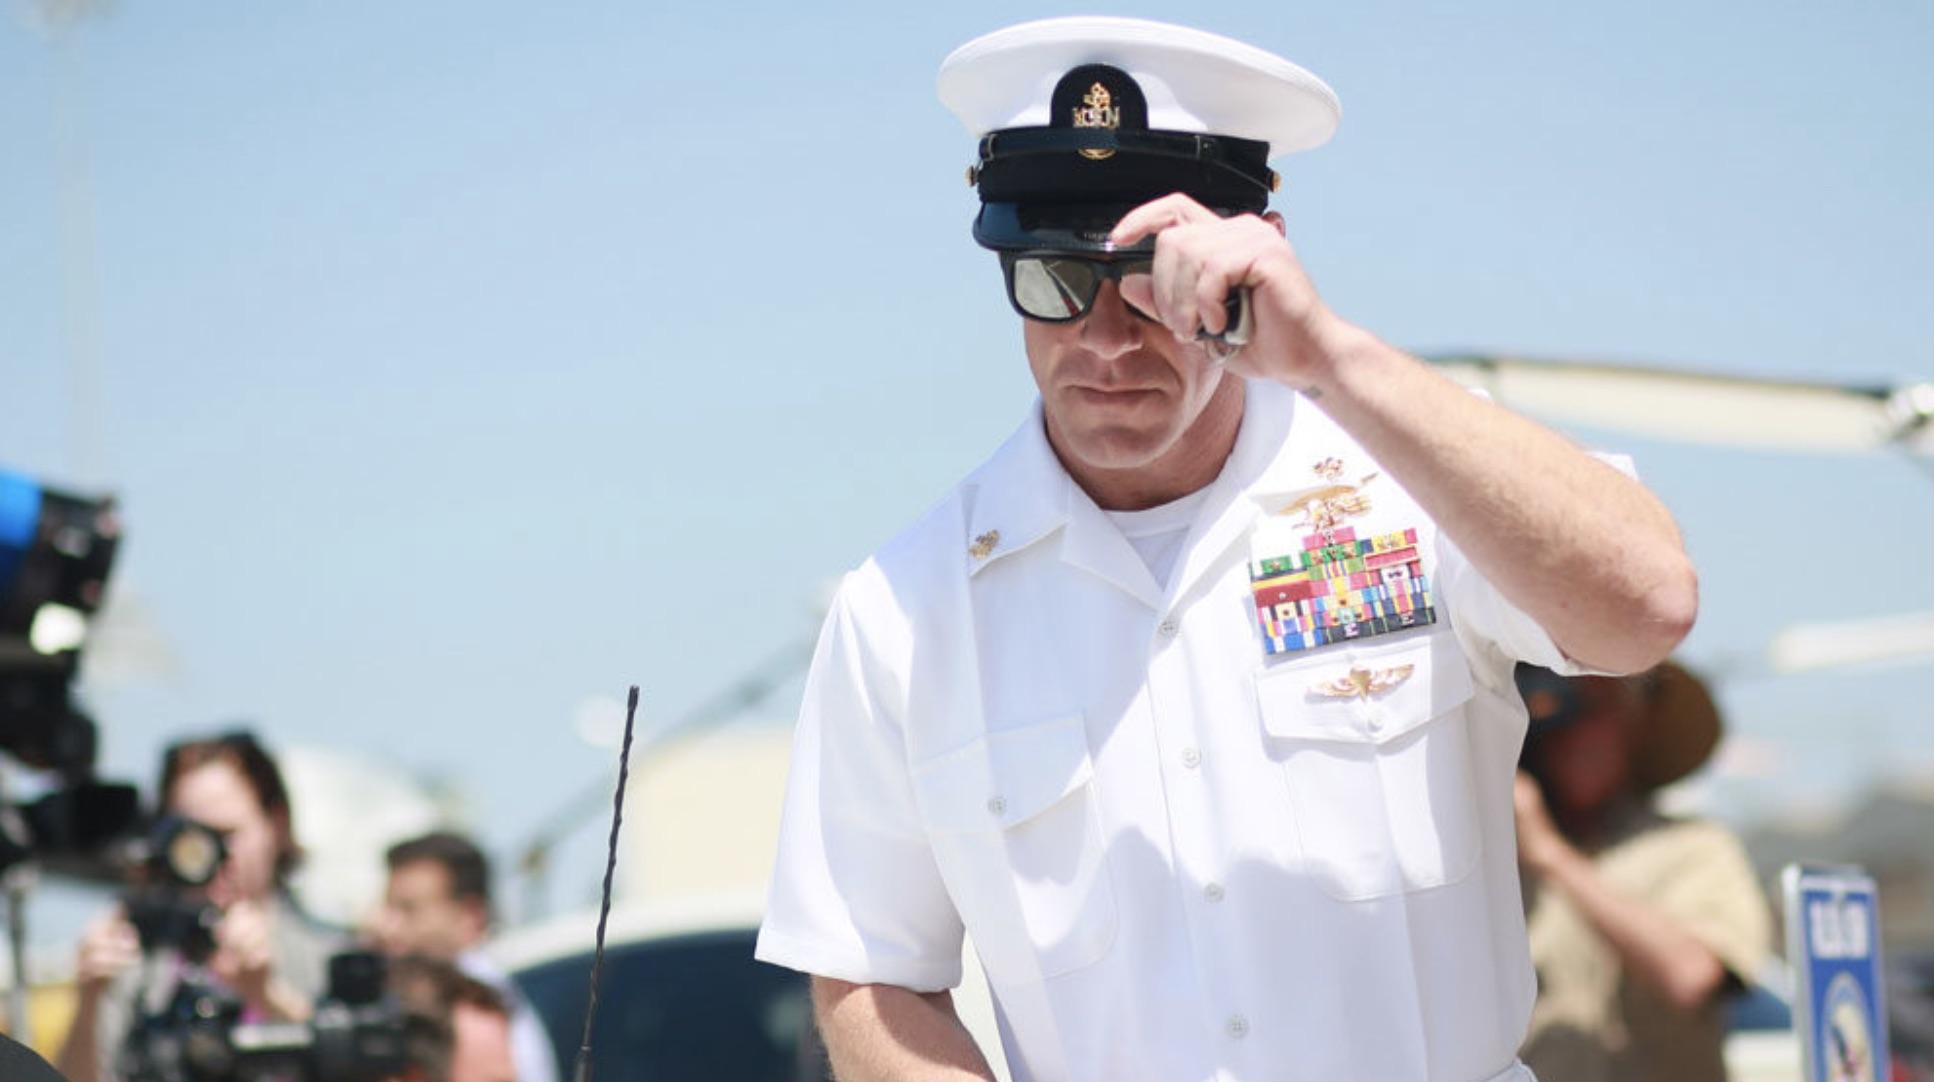 Eddie Gallagher, Navy SEALS, Sistema de justicia militar en Estados Unidos